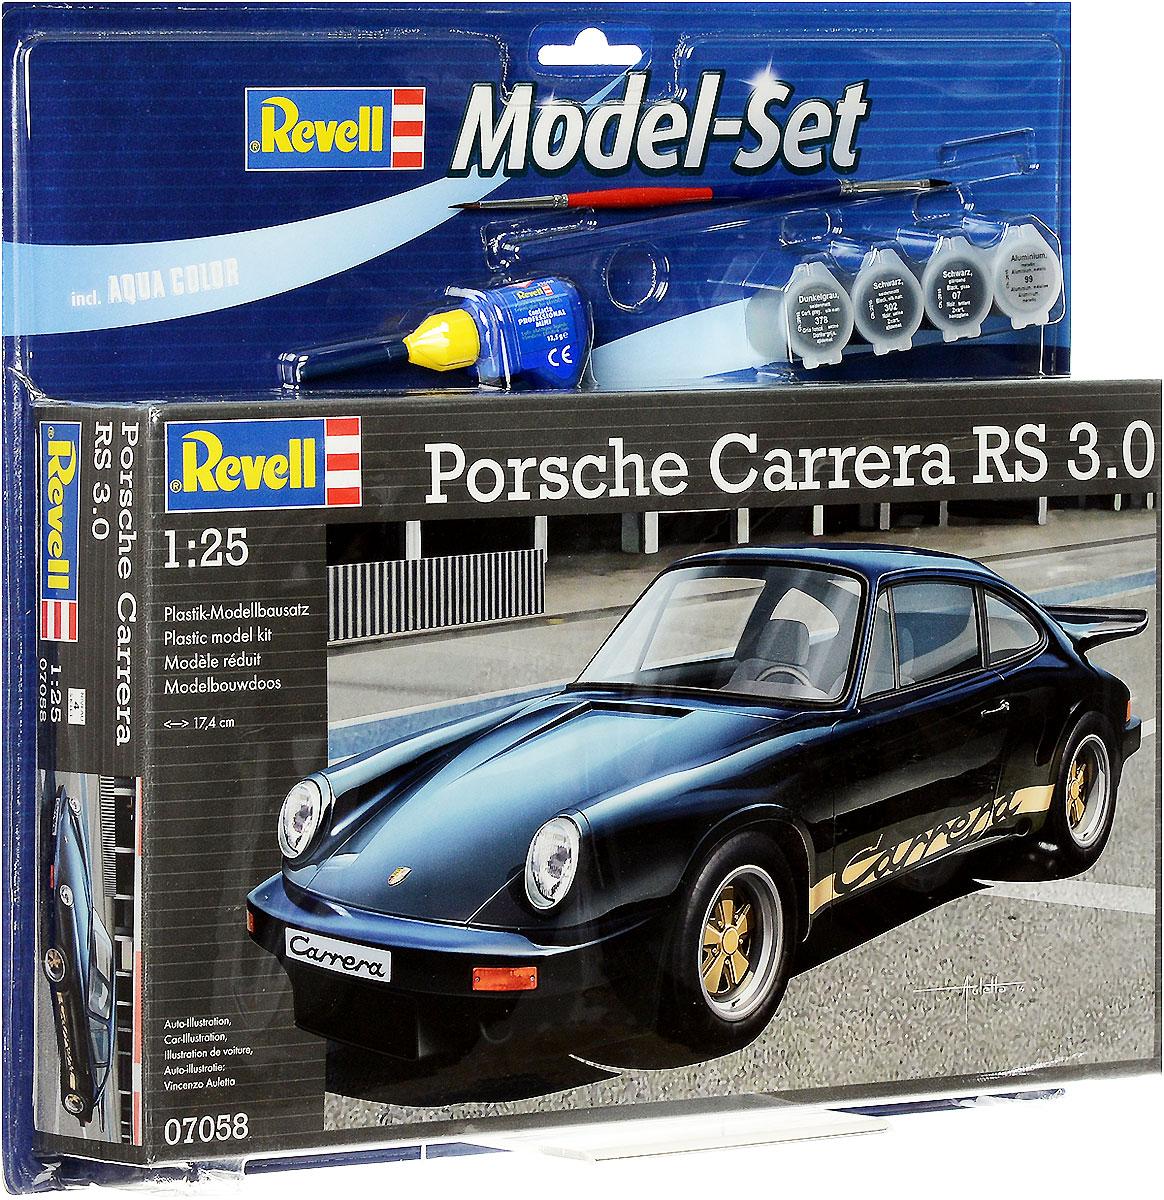 Revell Набор для сборки и раскрашивания Автомобиль Porsche Carrera RS 3.067058С помощью набора Revell Porsche Carrera RS 3.0 вы и ваш ребенок сможете собрать уменьшенную копию одноименного английского автомобиля и раскрасить ее. Набор включает в себя 84 пластиковых элемента для сборки модели, краски четырех цветов, клей, двустороннюю кисточку и схематичную инструкцию по сборке. Благодаря набору ваш ребенок научится пространственно мыслить, различать цвета, творчески решать поставленные задачи, разовьет мелкую моторику рук, внимание, терпение, кругозор и мышление. Это идеальный вариант для начинающего моделиста. Несравненный Porsche Carrera был выпущен в 1972 году как специальная спортивная версия Porsche 911. Большой трехлитровый двигатель в 200 лошадиных сил позволял машине разгоняться от 0 до 100 км/час всего за 6,3 секунды. Максимальная скорость достигала 240 км/ч. Спортивный характер автомобиля подчеркивают изысканный передний бампер, широкие арки задних колес и объемный спойлер, знаменитый под таким названием как хвост кита.